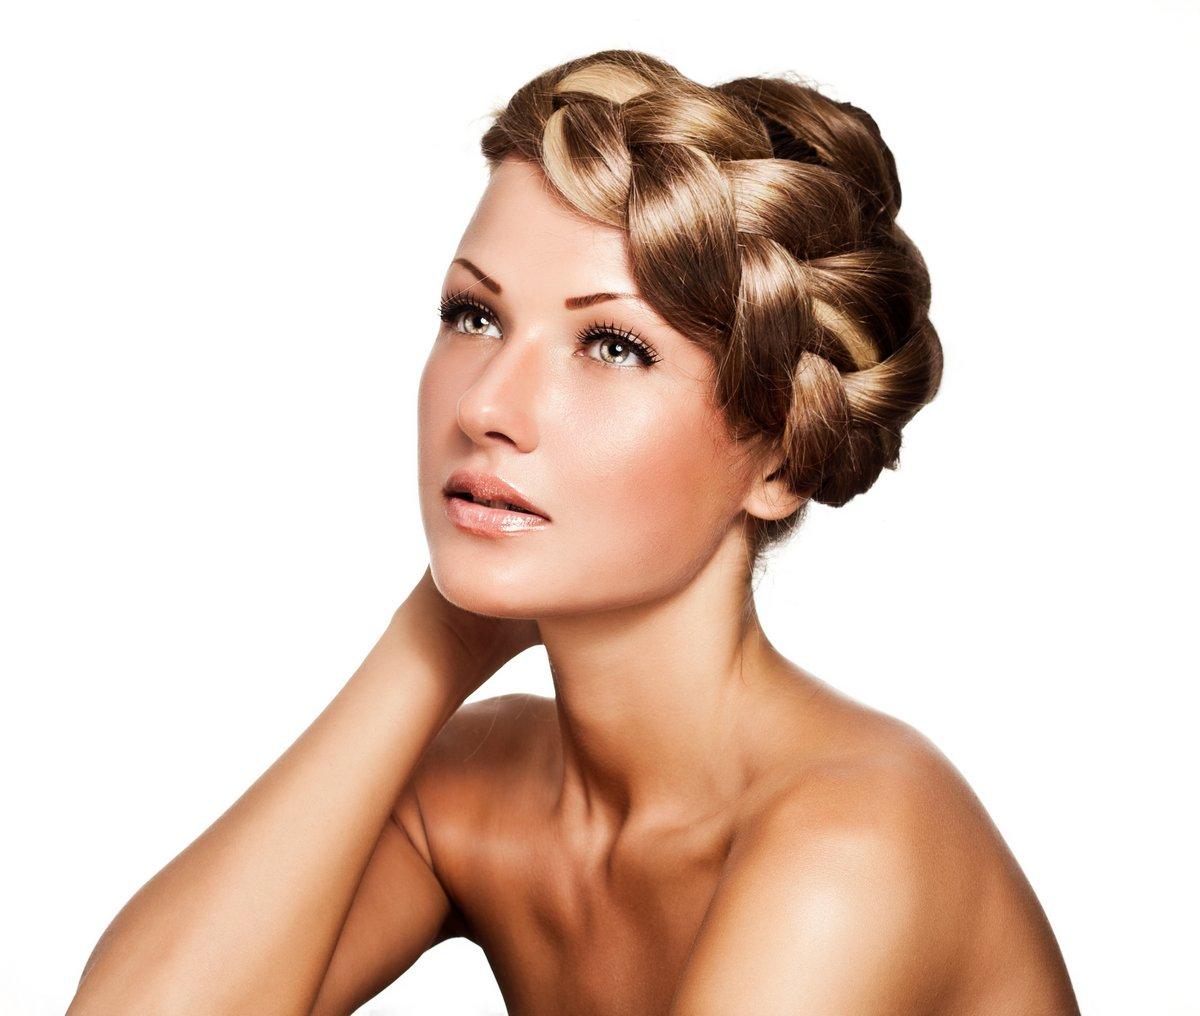 Молодая женщина с длинными природных смешанного цвета коса, 24x20 см, на бумагеСалон красоты<br>Постер на холсте или бумаге. Любого нужного вам размера. В раме или без. Подвес в комплекте. Трехслойная надежная упаковка. Доставим в любую точку России. Вам осталось только повесить картину на стену!<br>